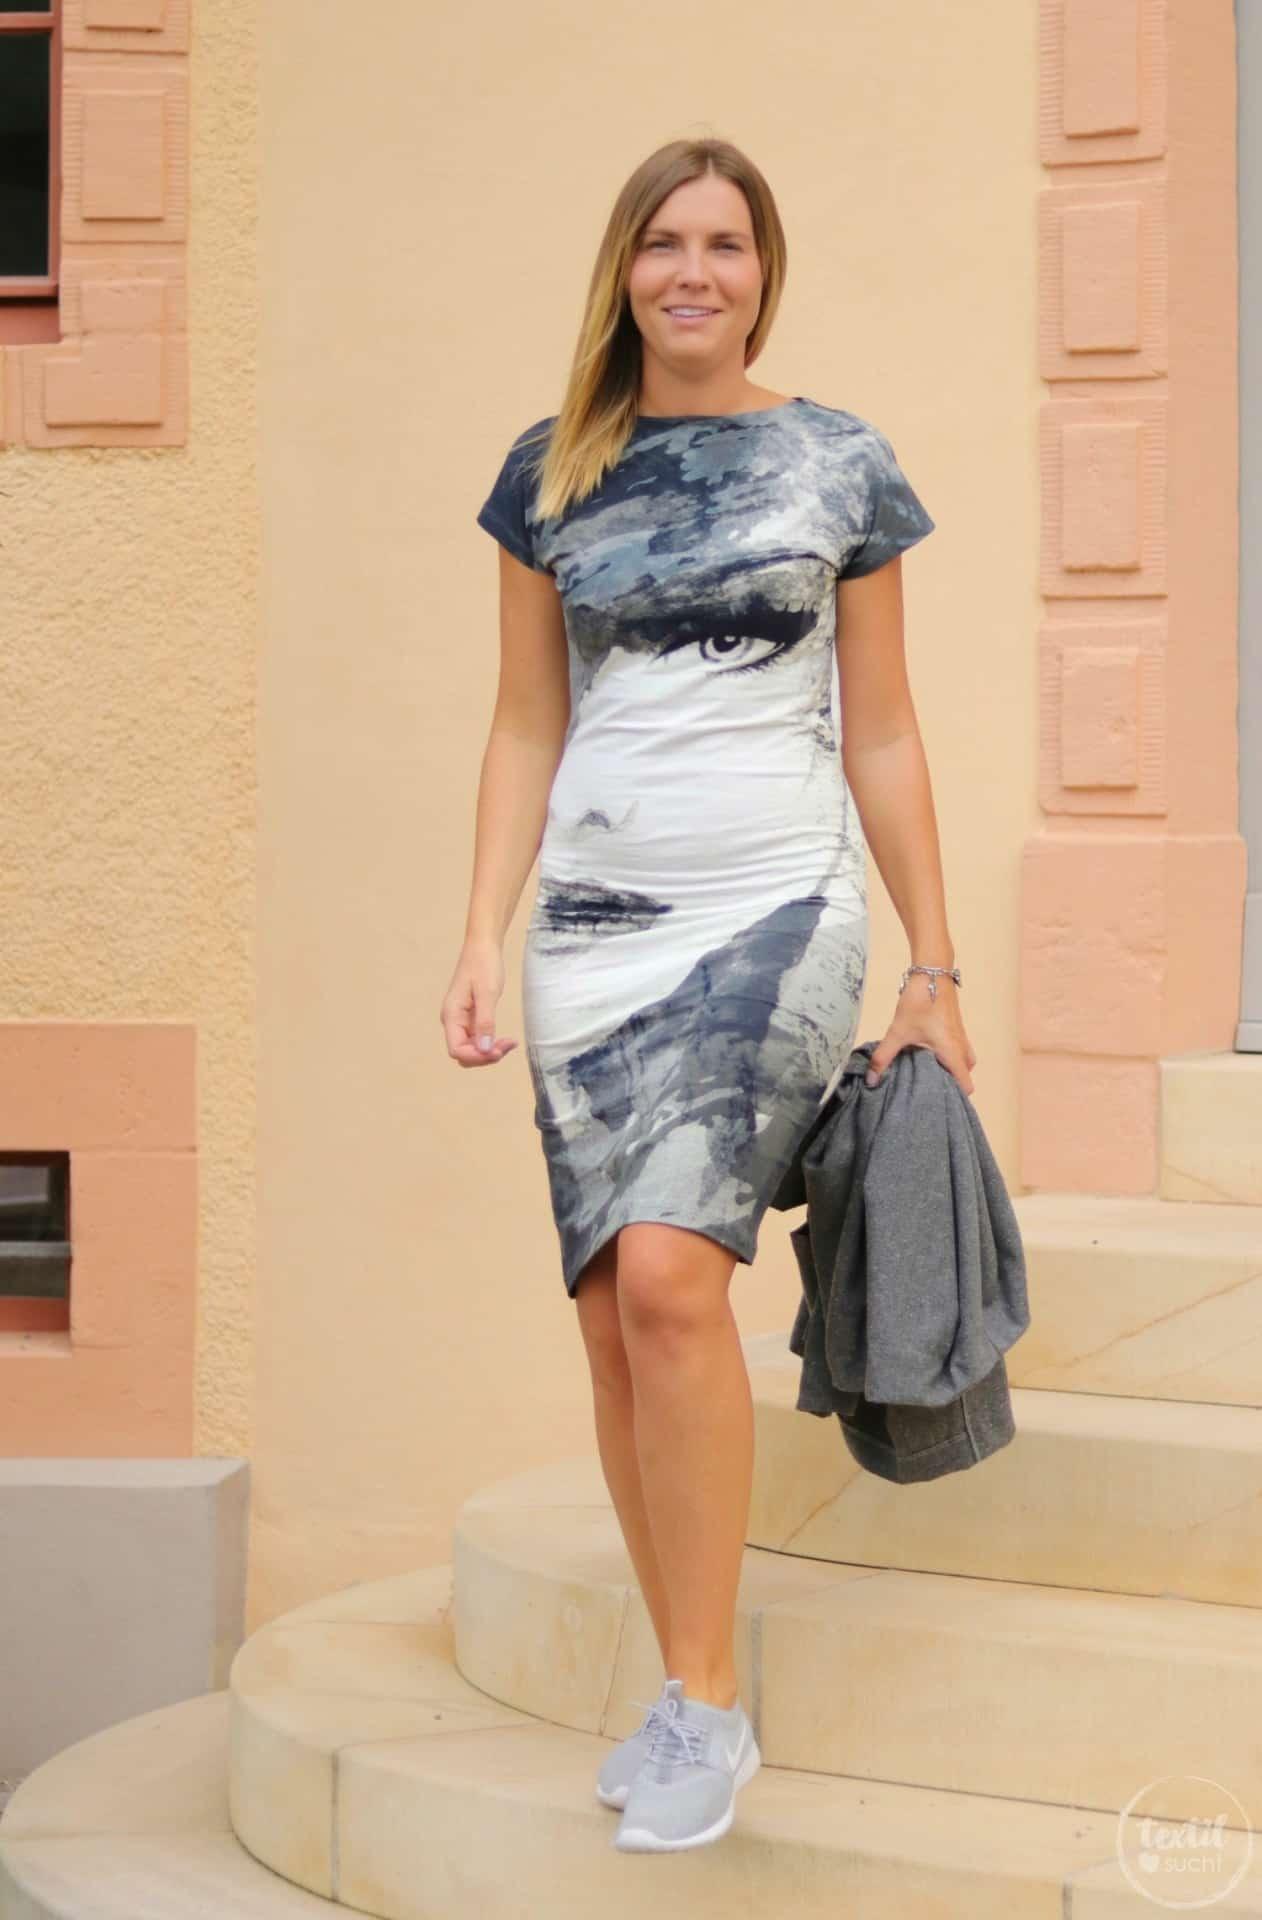 Falsche Selbsteinschätzung, eine kleine Erleuchtung und mein neues Kleid - Bild 4 | textilsucht®